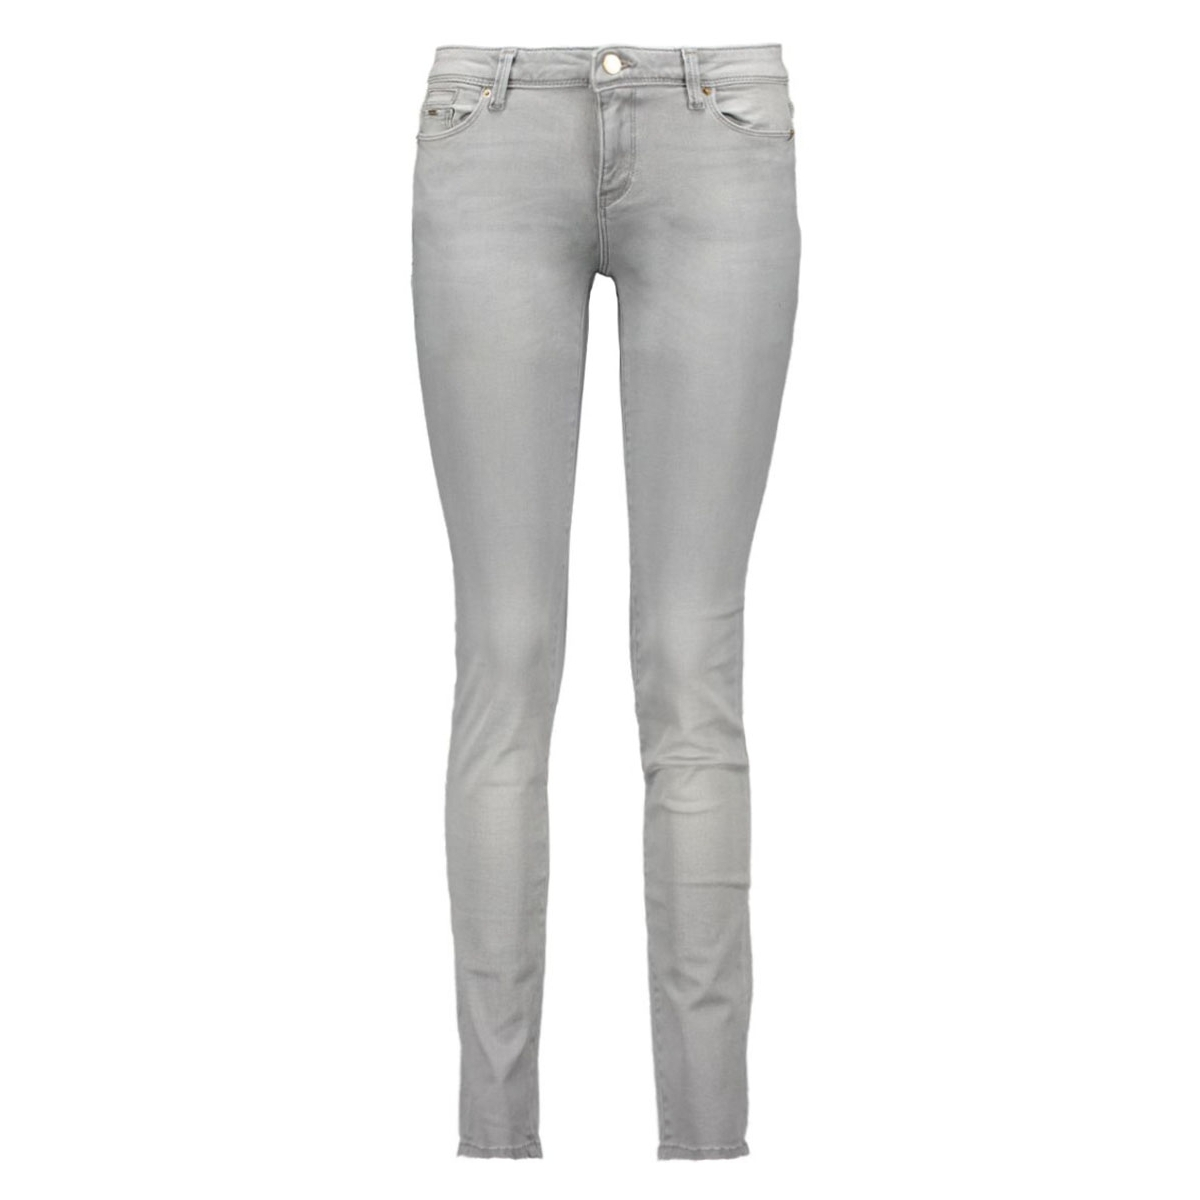 086eo1b007 esprit collection jeans e922